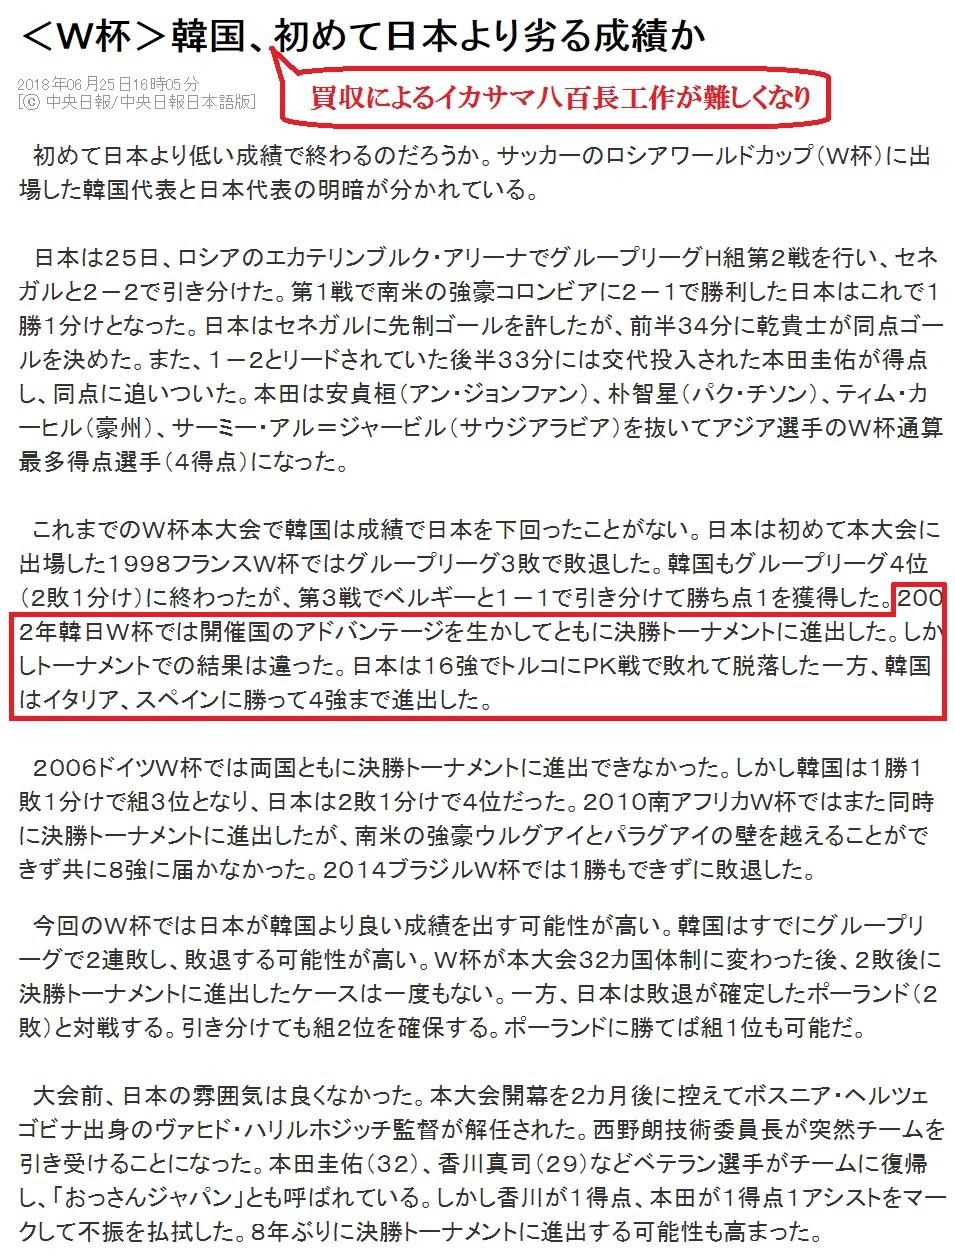 チョン日報「八百長が難しくなり日本に成績で負けるニダ」